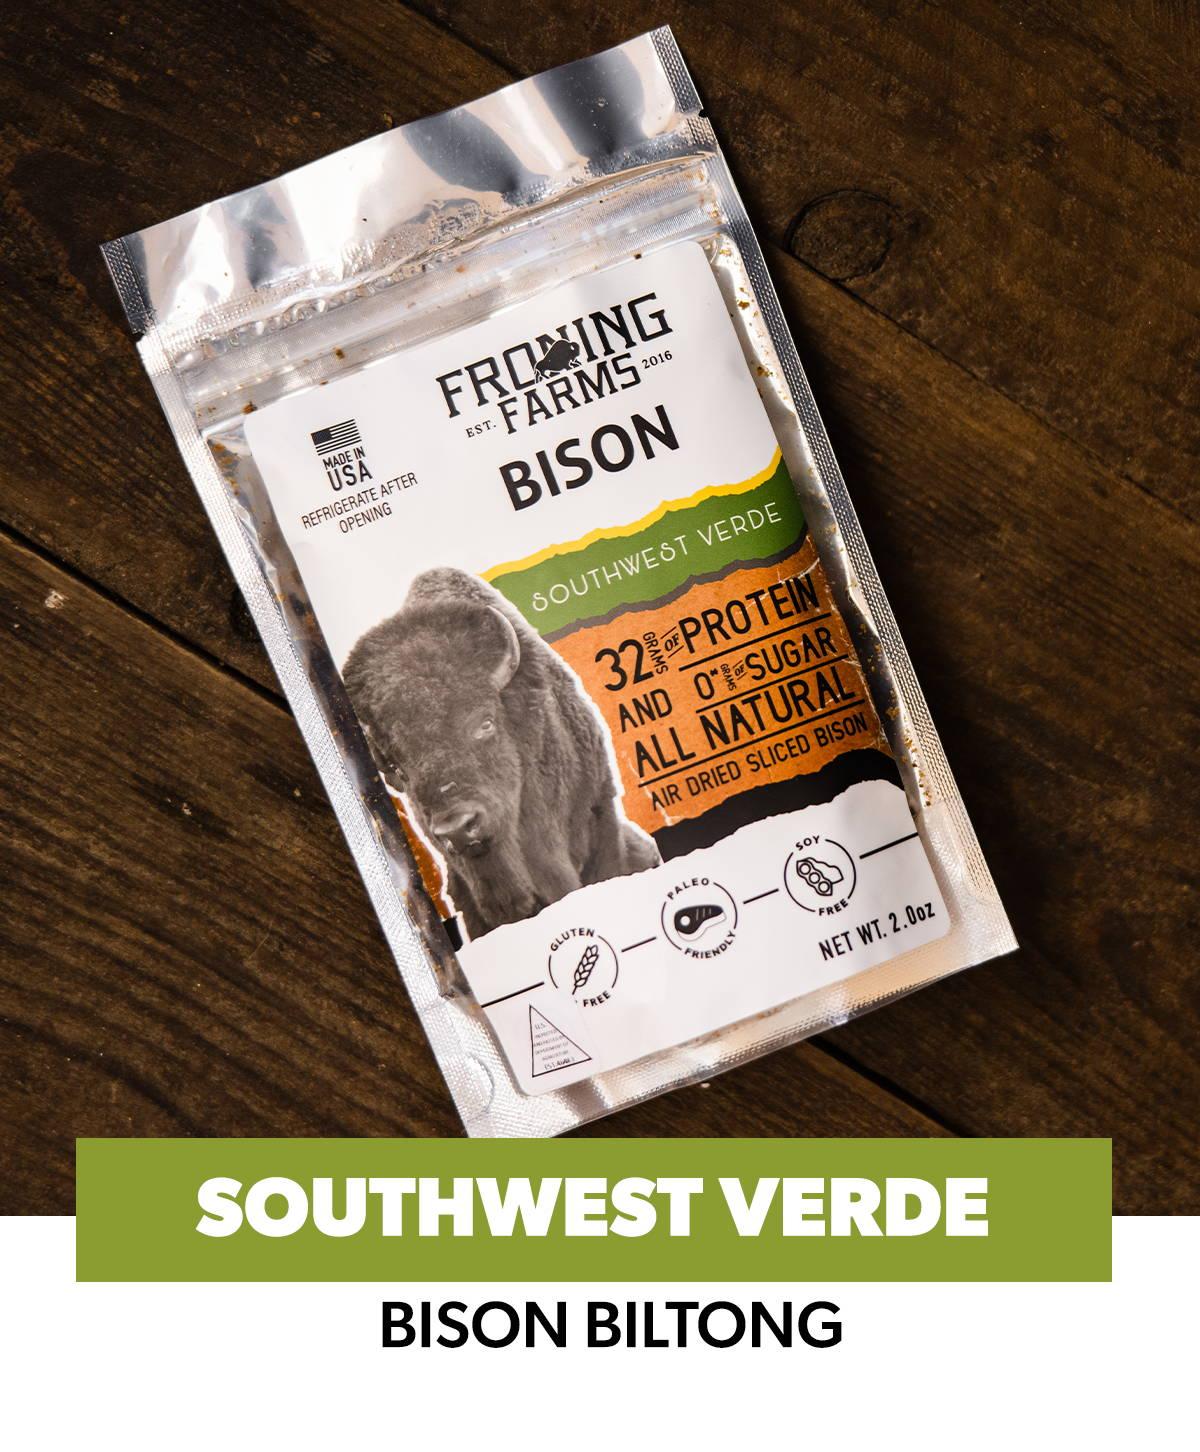 Froning Farms Bison Biltong Southwest Verde Flavor